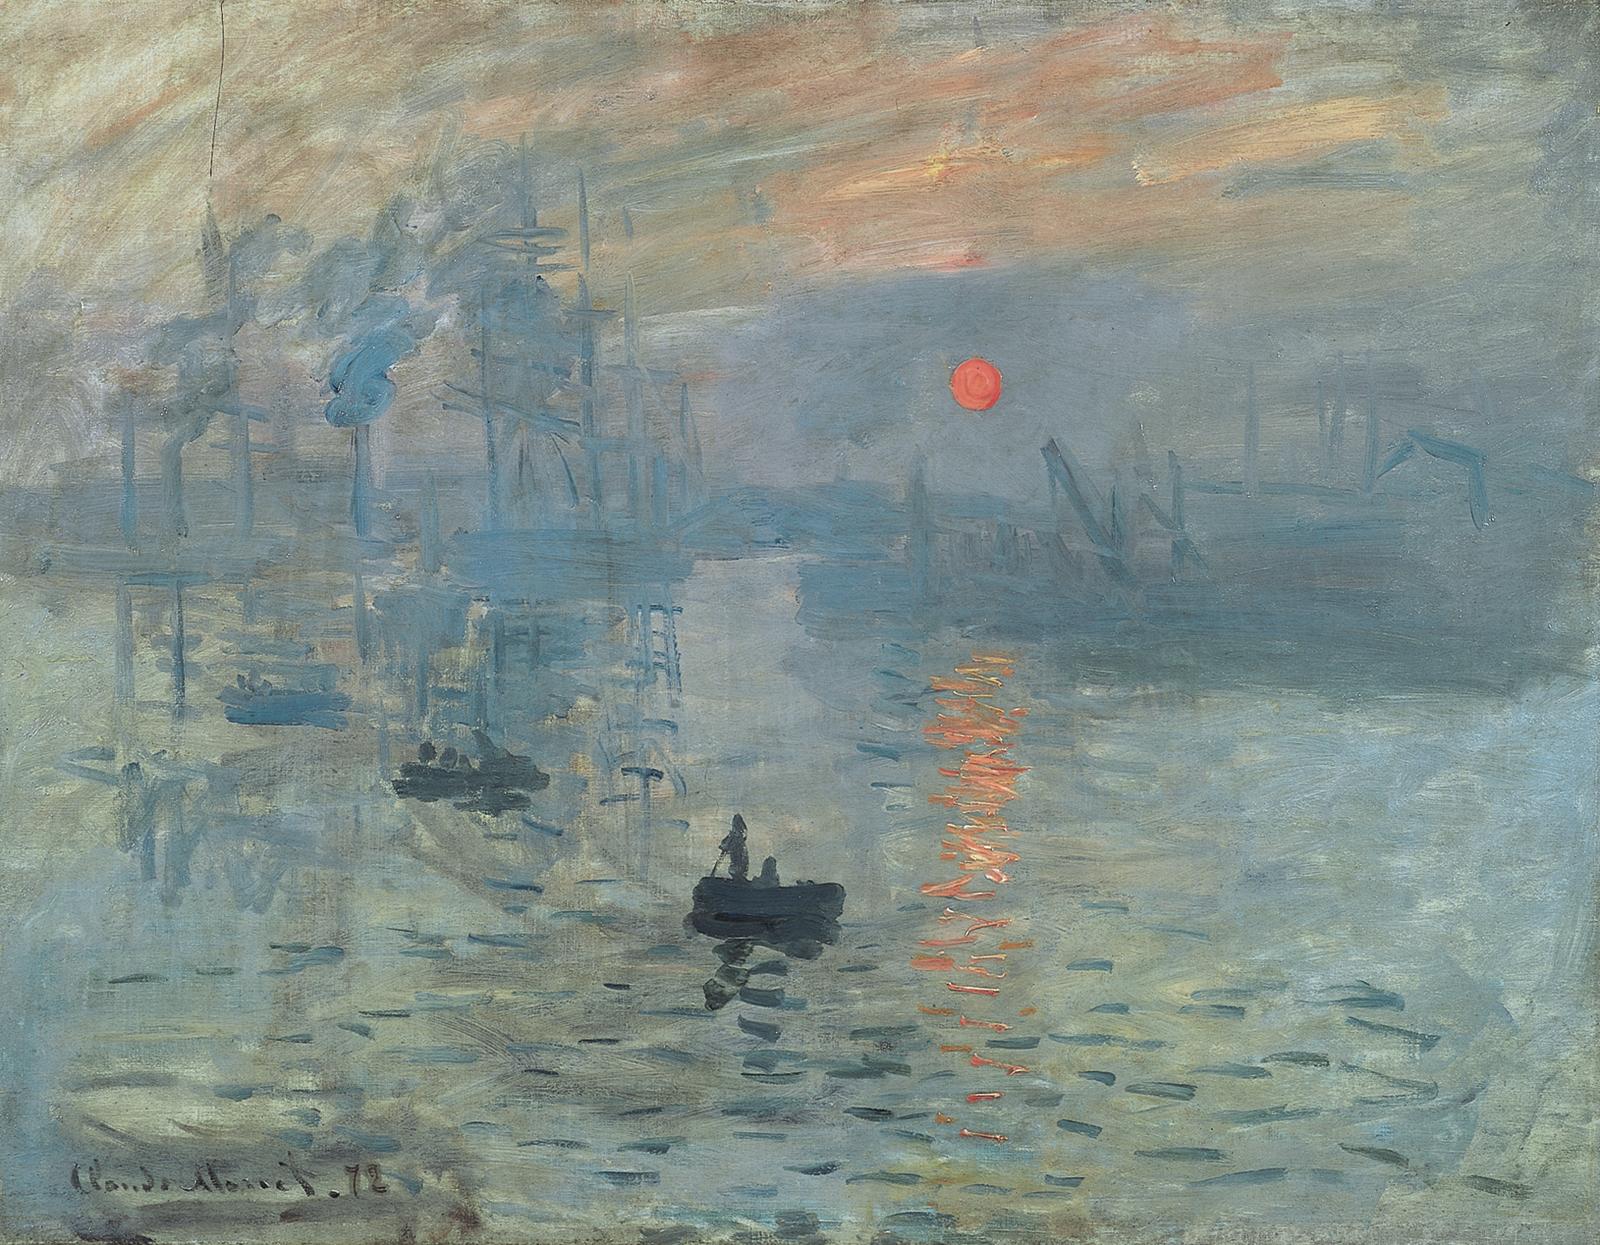 Claude Monet, Impression, soleil levant (huile sur toile, 1872)